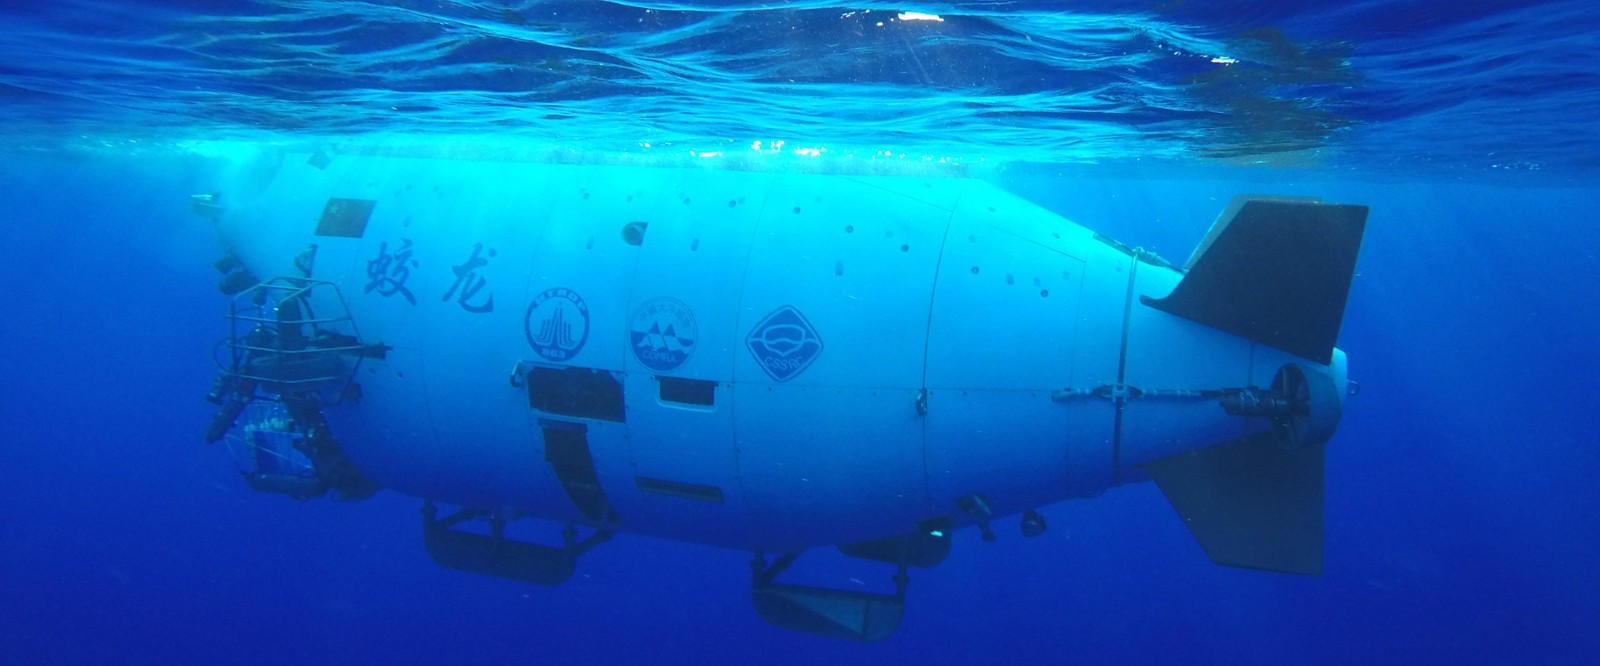 壁纸 海底 海底世界 海洋馆 水族馆 桌面 1600_666